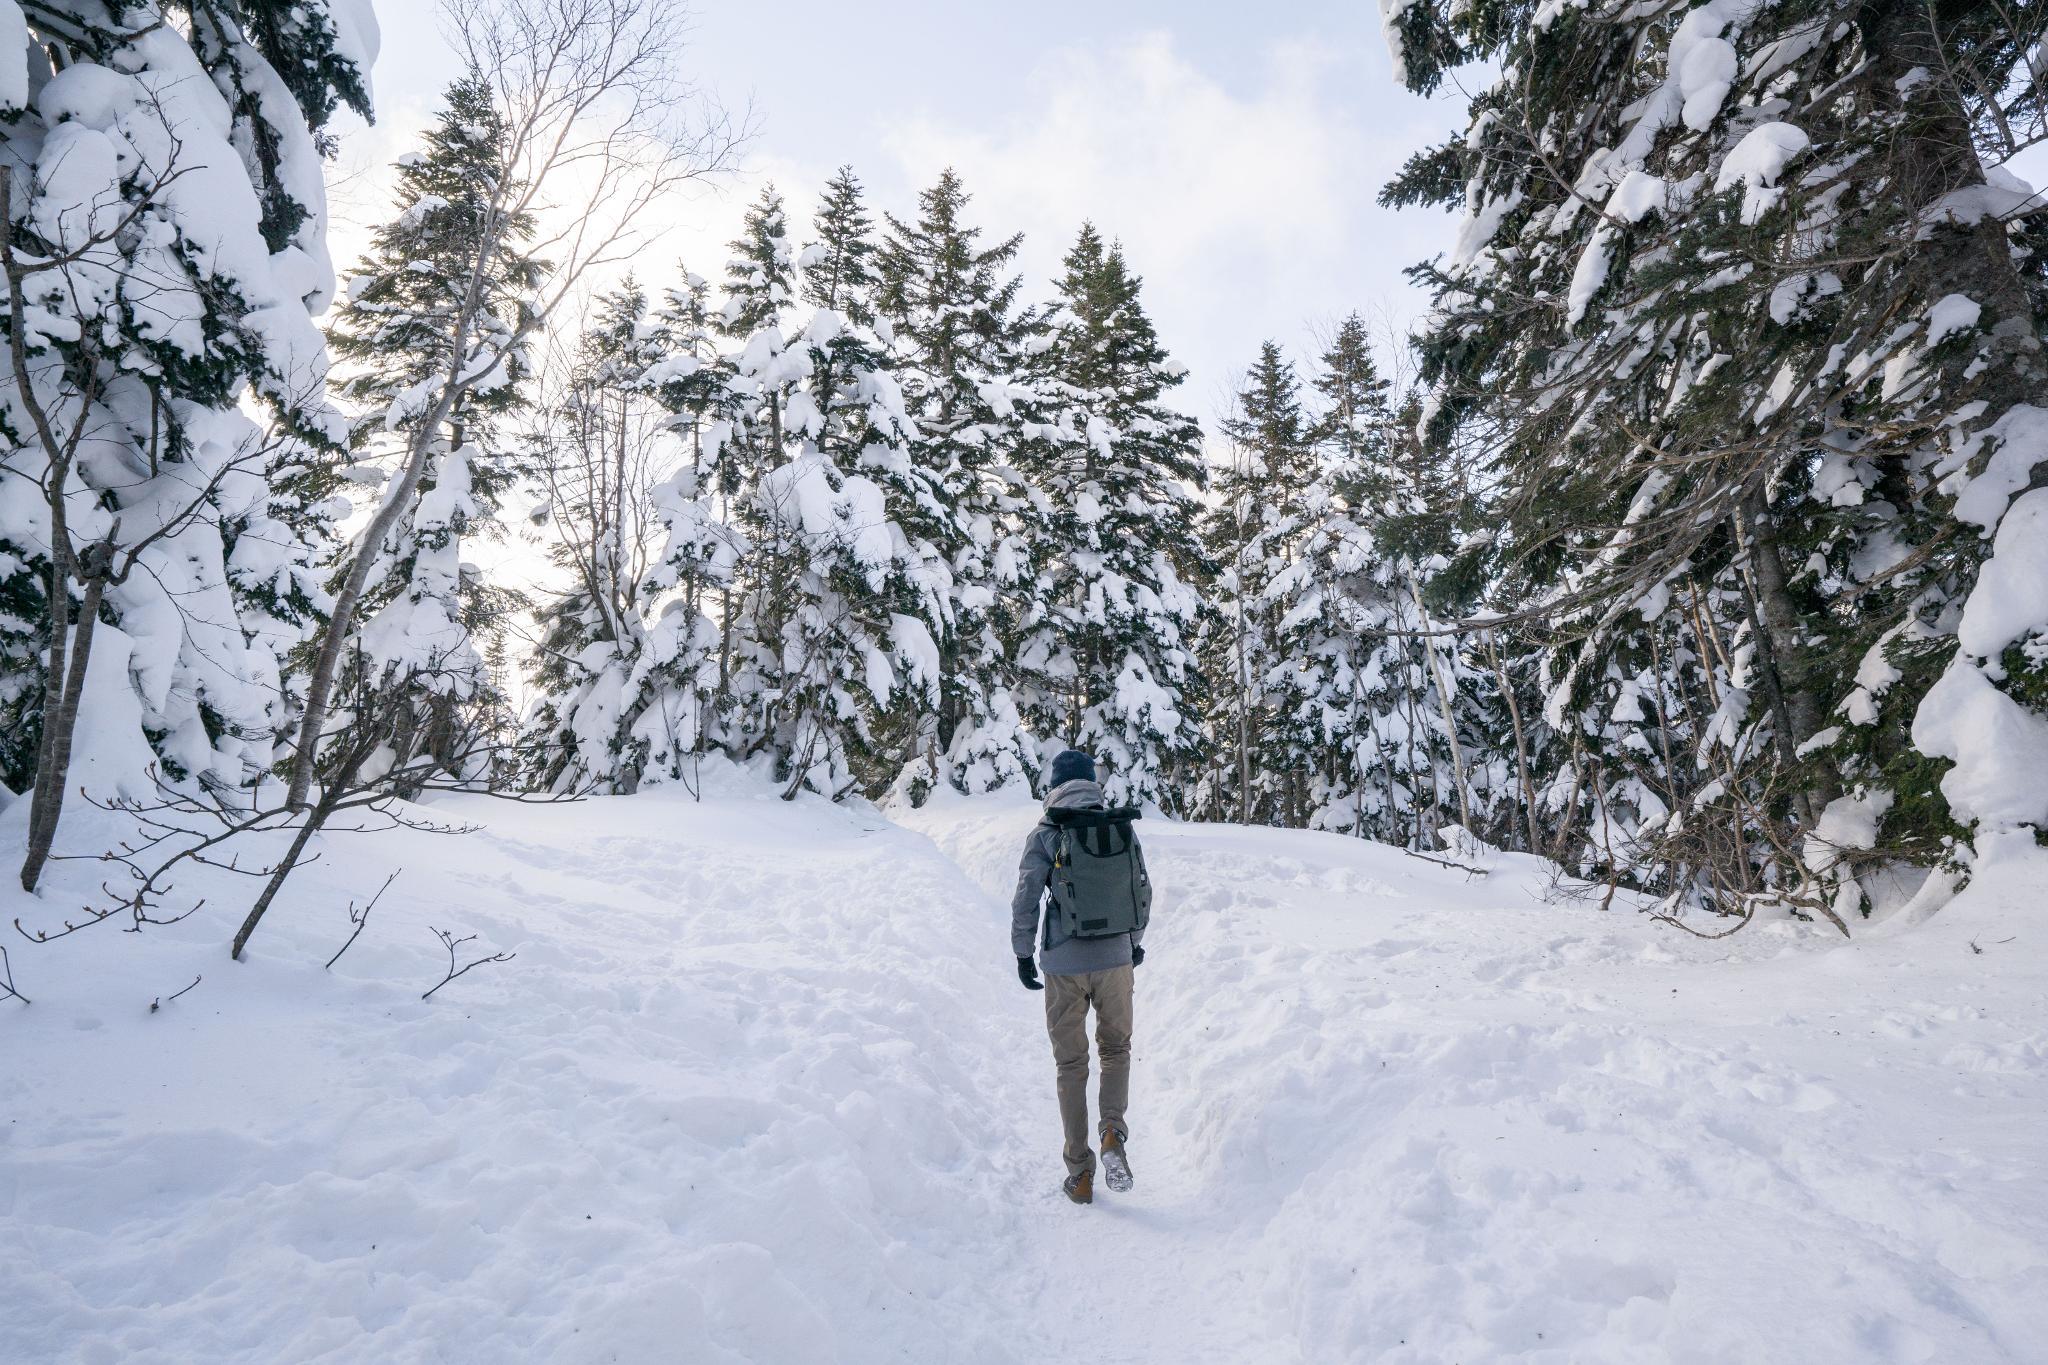 【岐阜】超級推薦!奧飛驒溫泉鄉的冬季戀歌 ~ 新穗高纜車雪景攻略 121